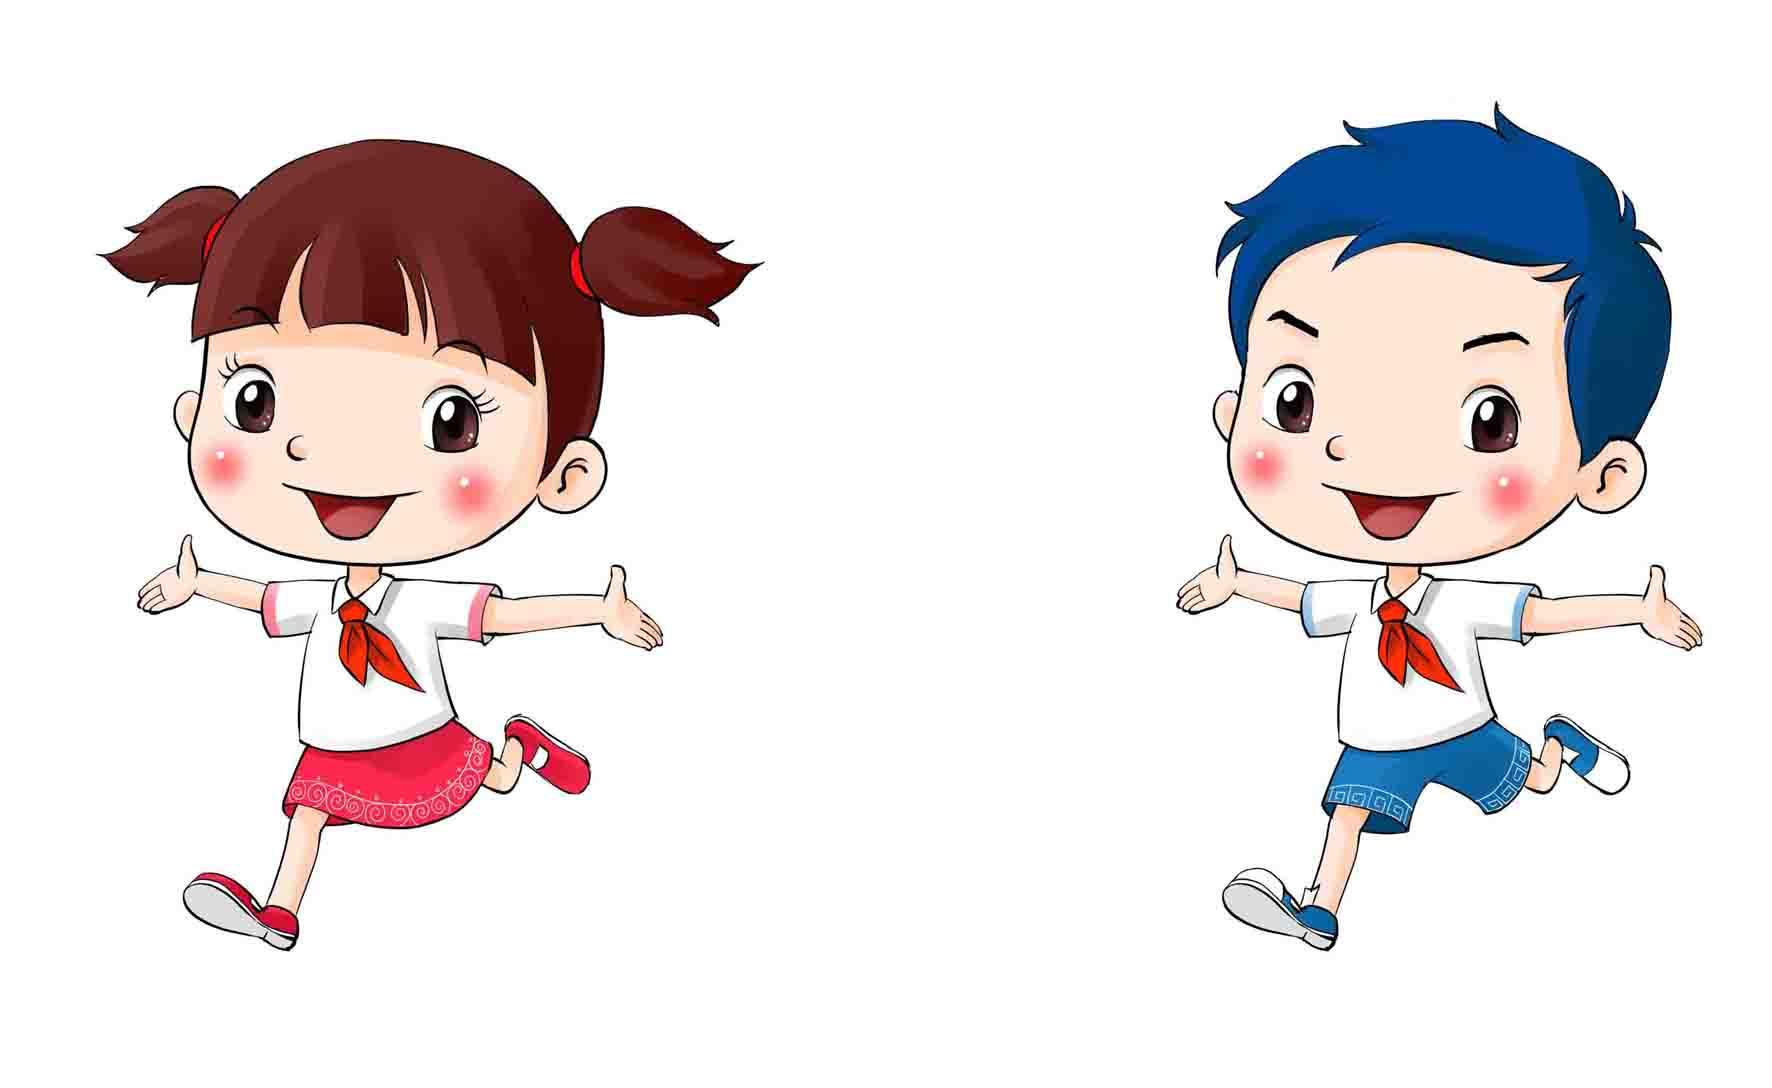 山东少先队员卡通形象 齐齐 鲁鲁 正式发布